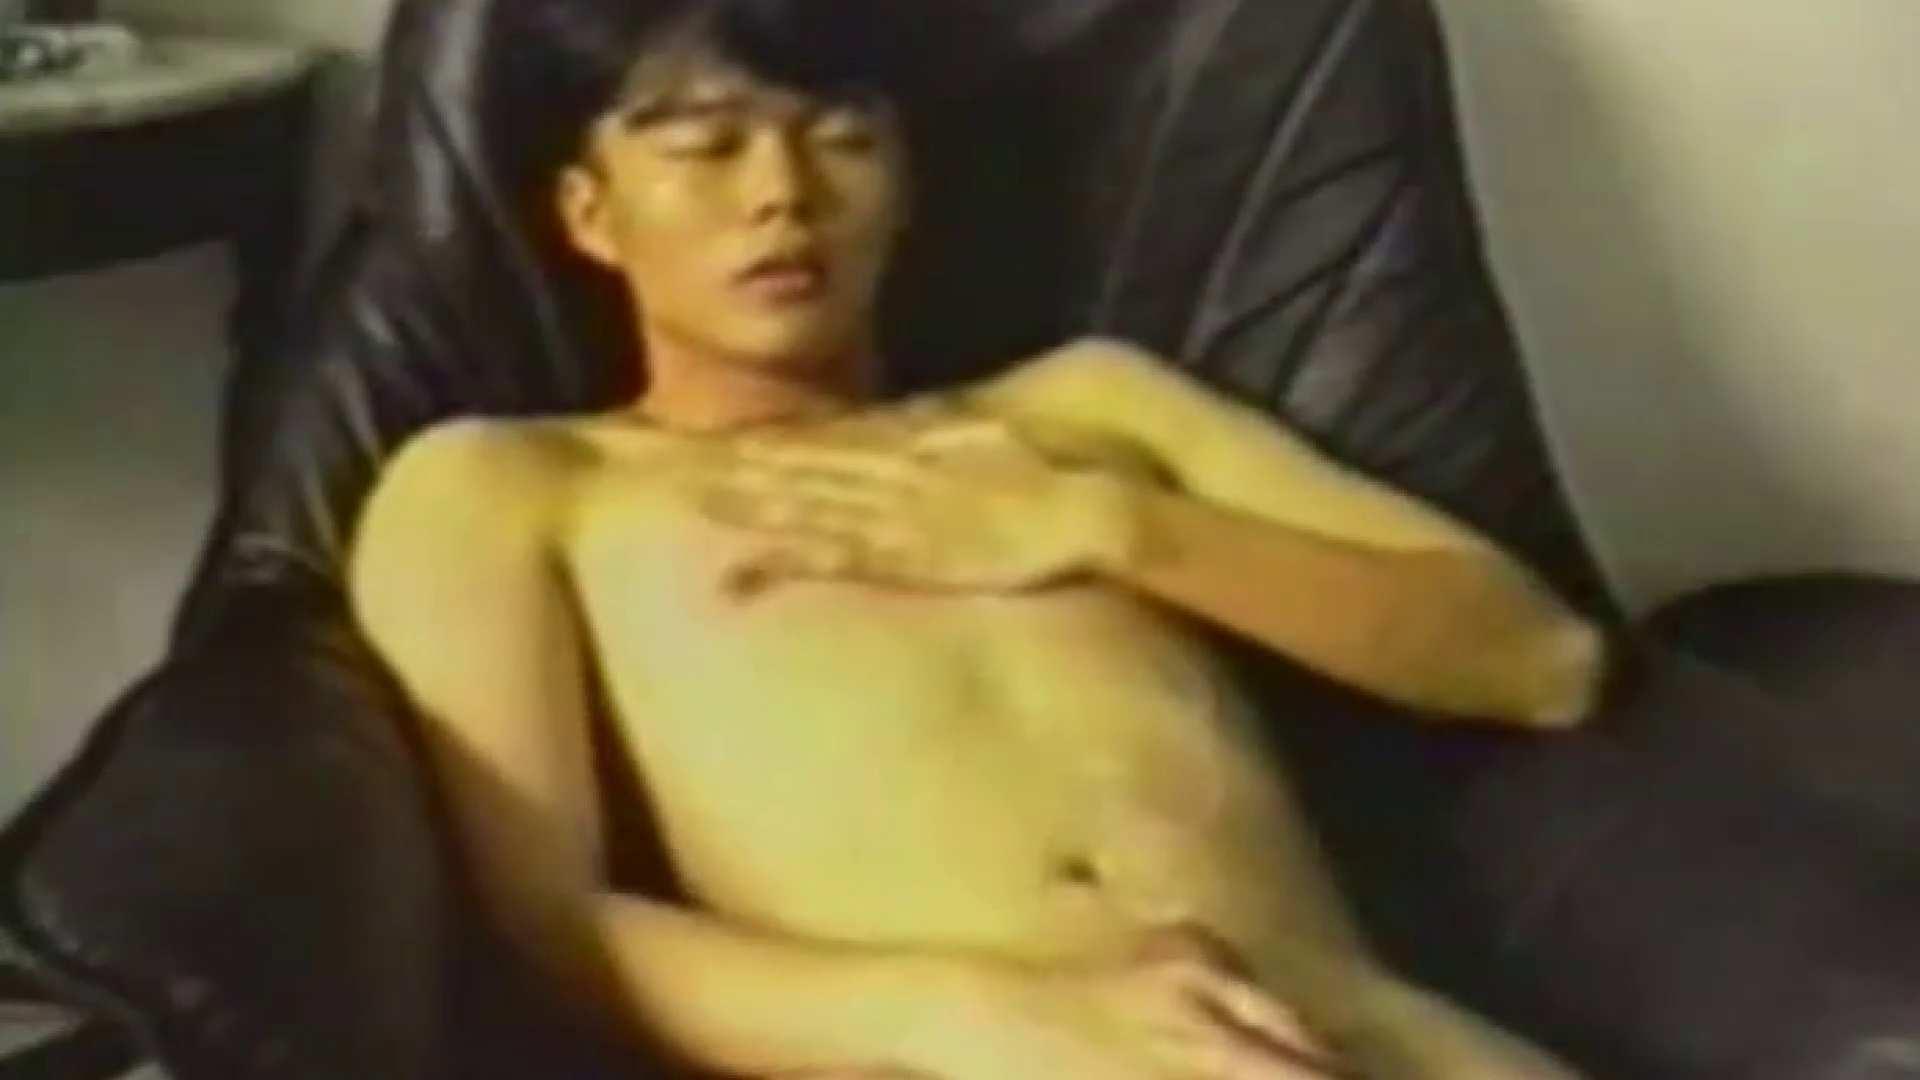 巨根 オナニー塾Vol.19 ゲイのオナニー映像  67枚 6